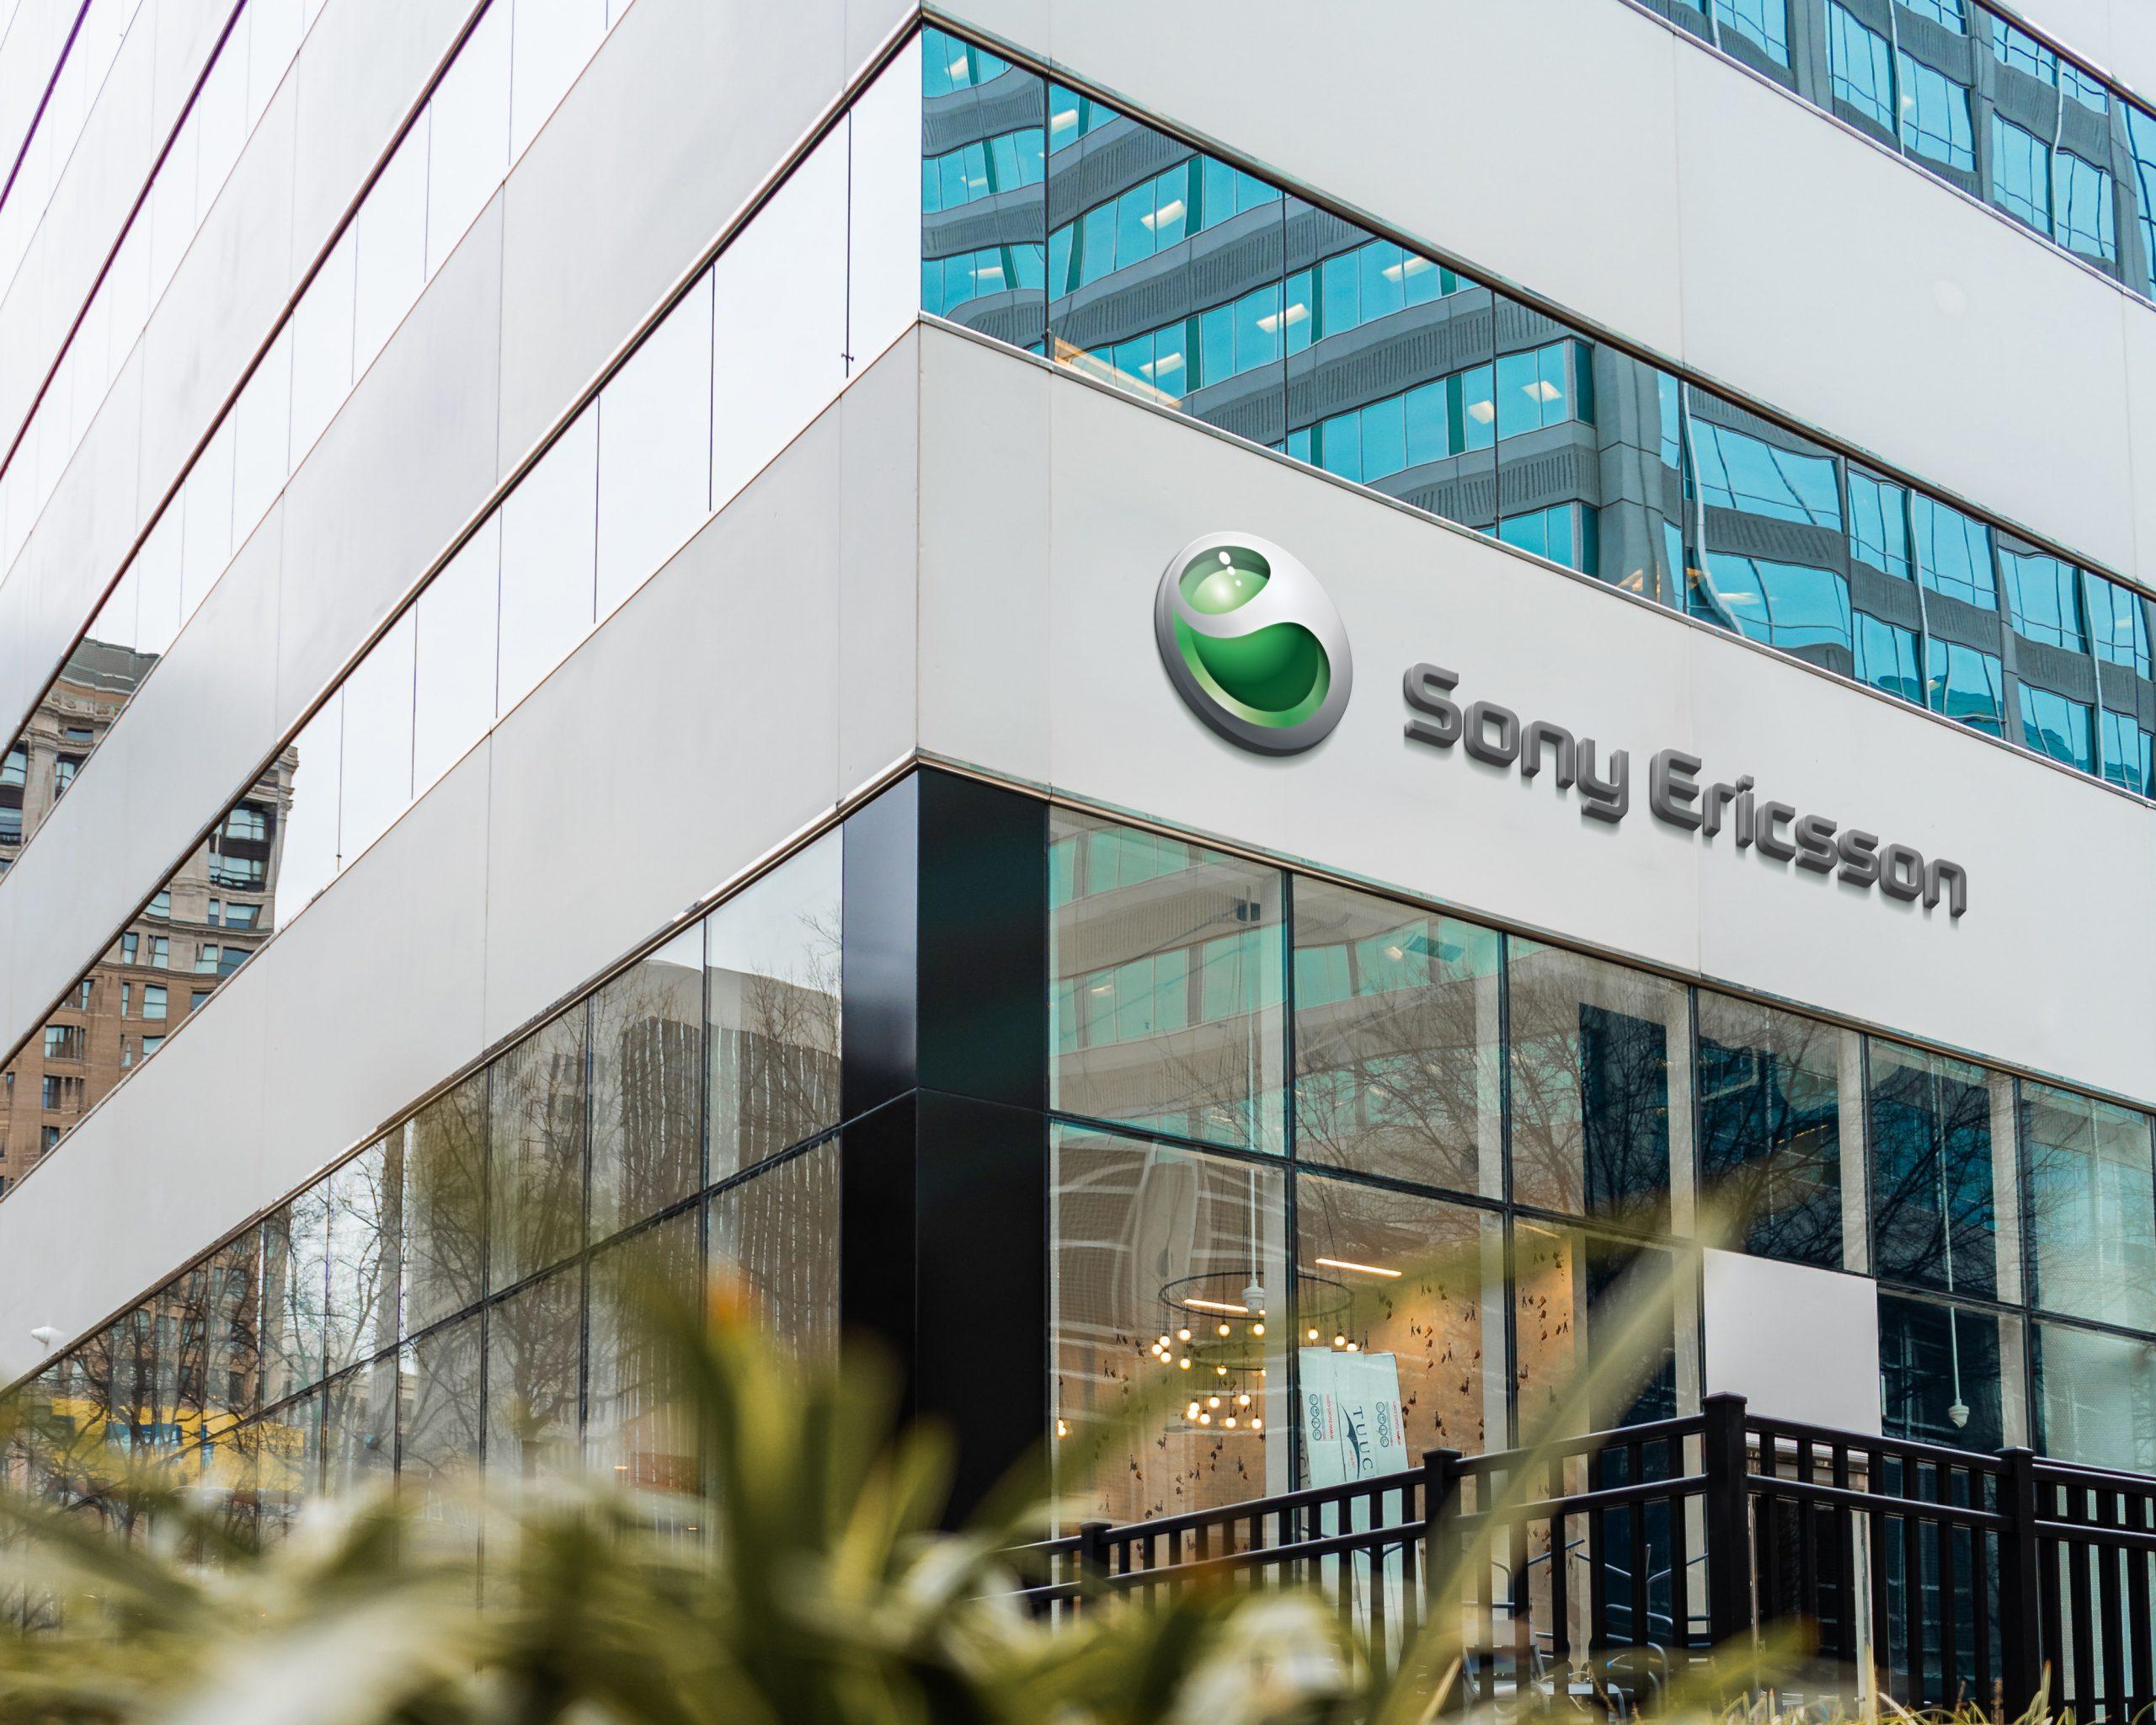 Sony Ericsson Famous Store Logo Mockup